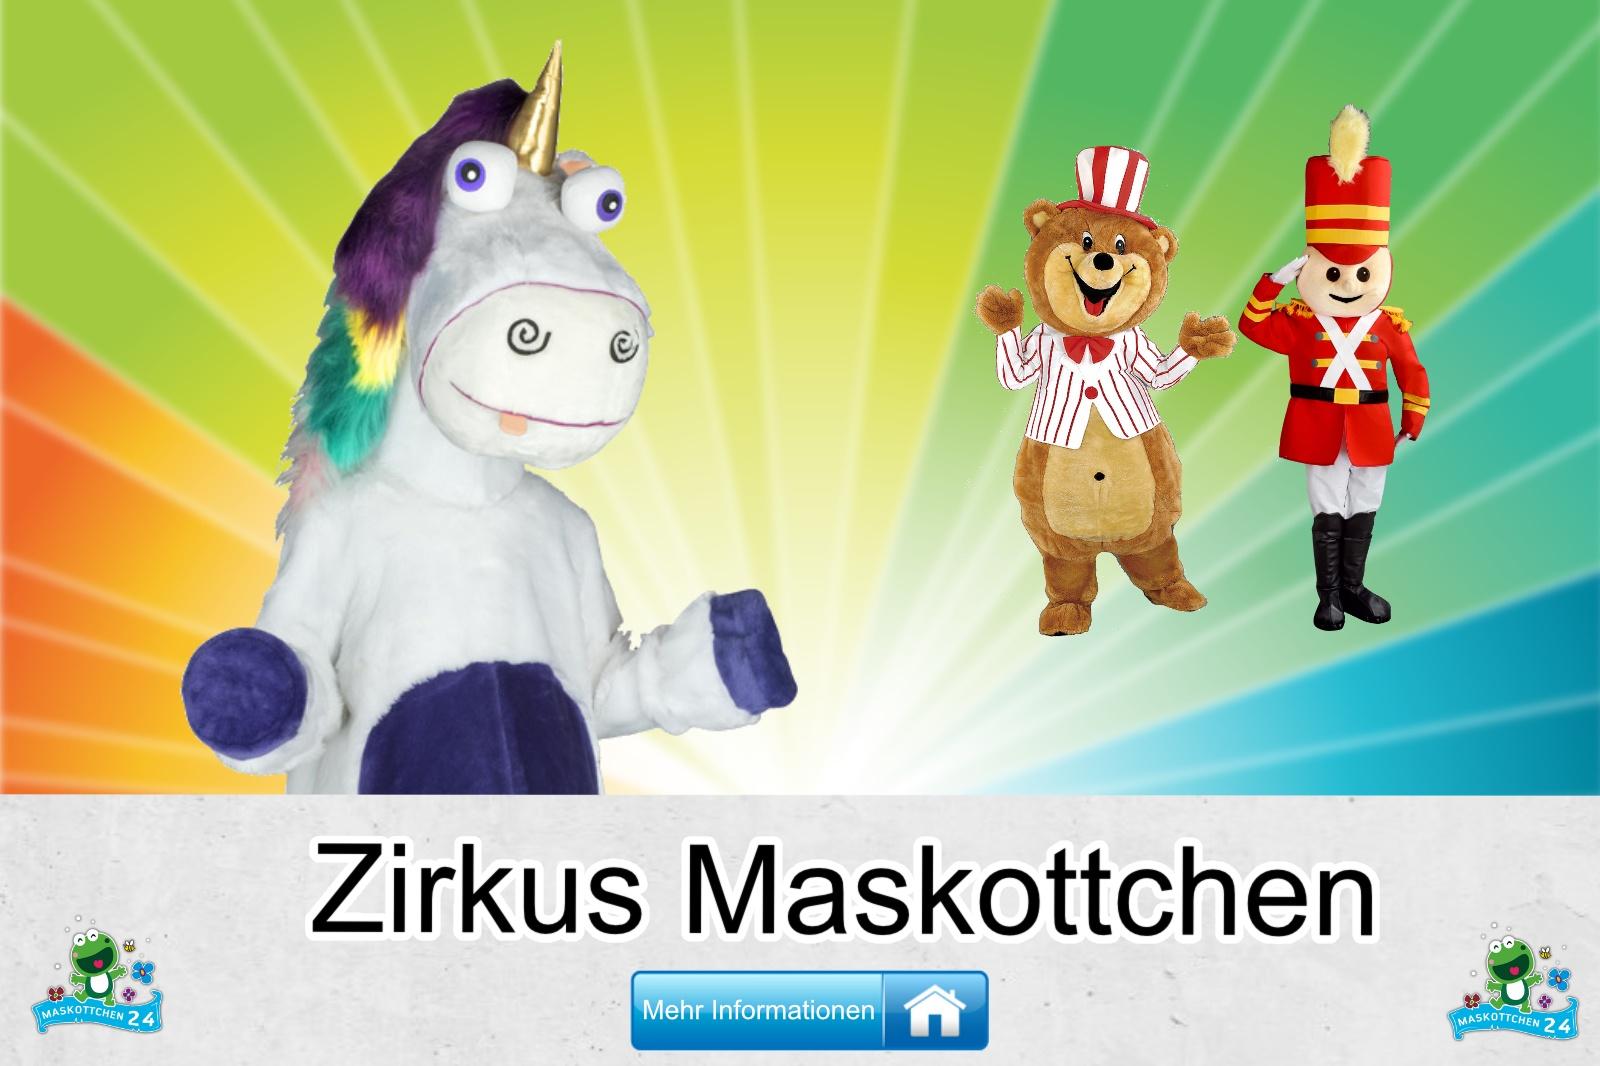 Zirkus Kostüm kaufen, günstige Produktion / Herstellung